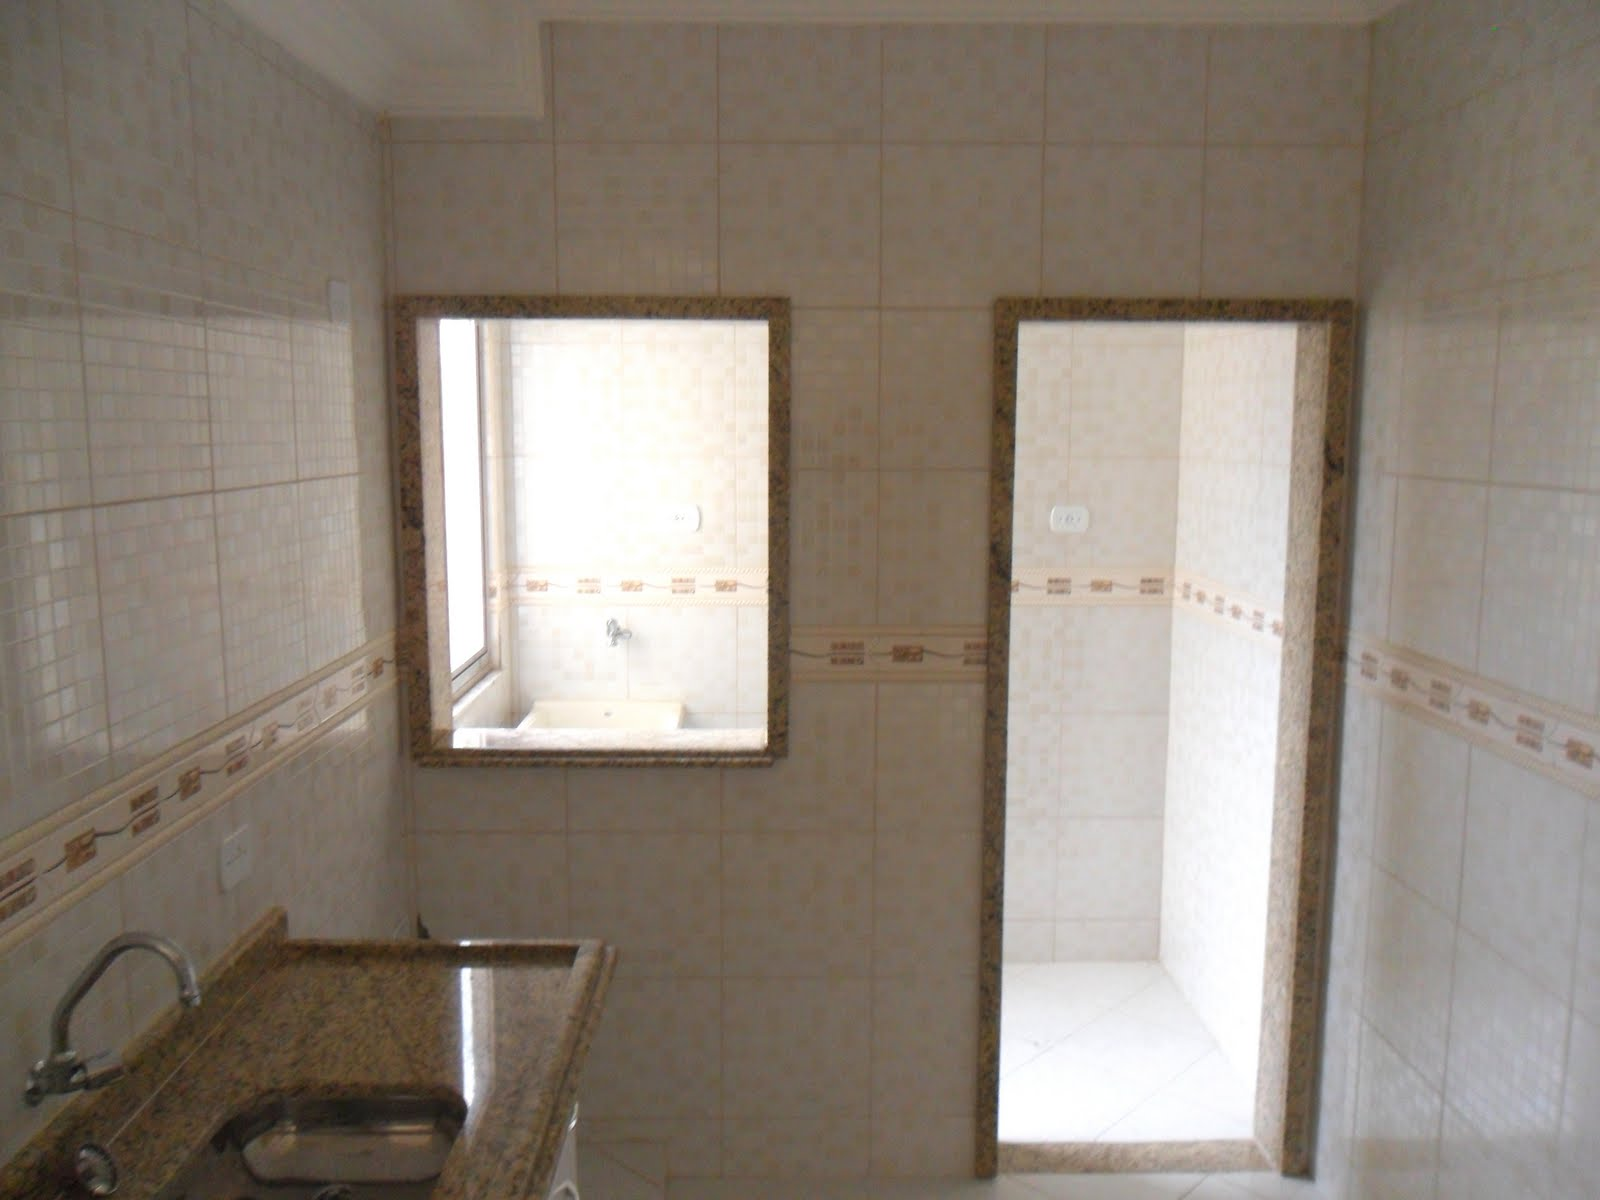 sala ampla com rebaixamento em gesso banheiro com box BLINDEX  #453828 1600 1200